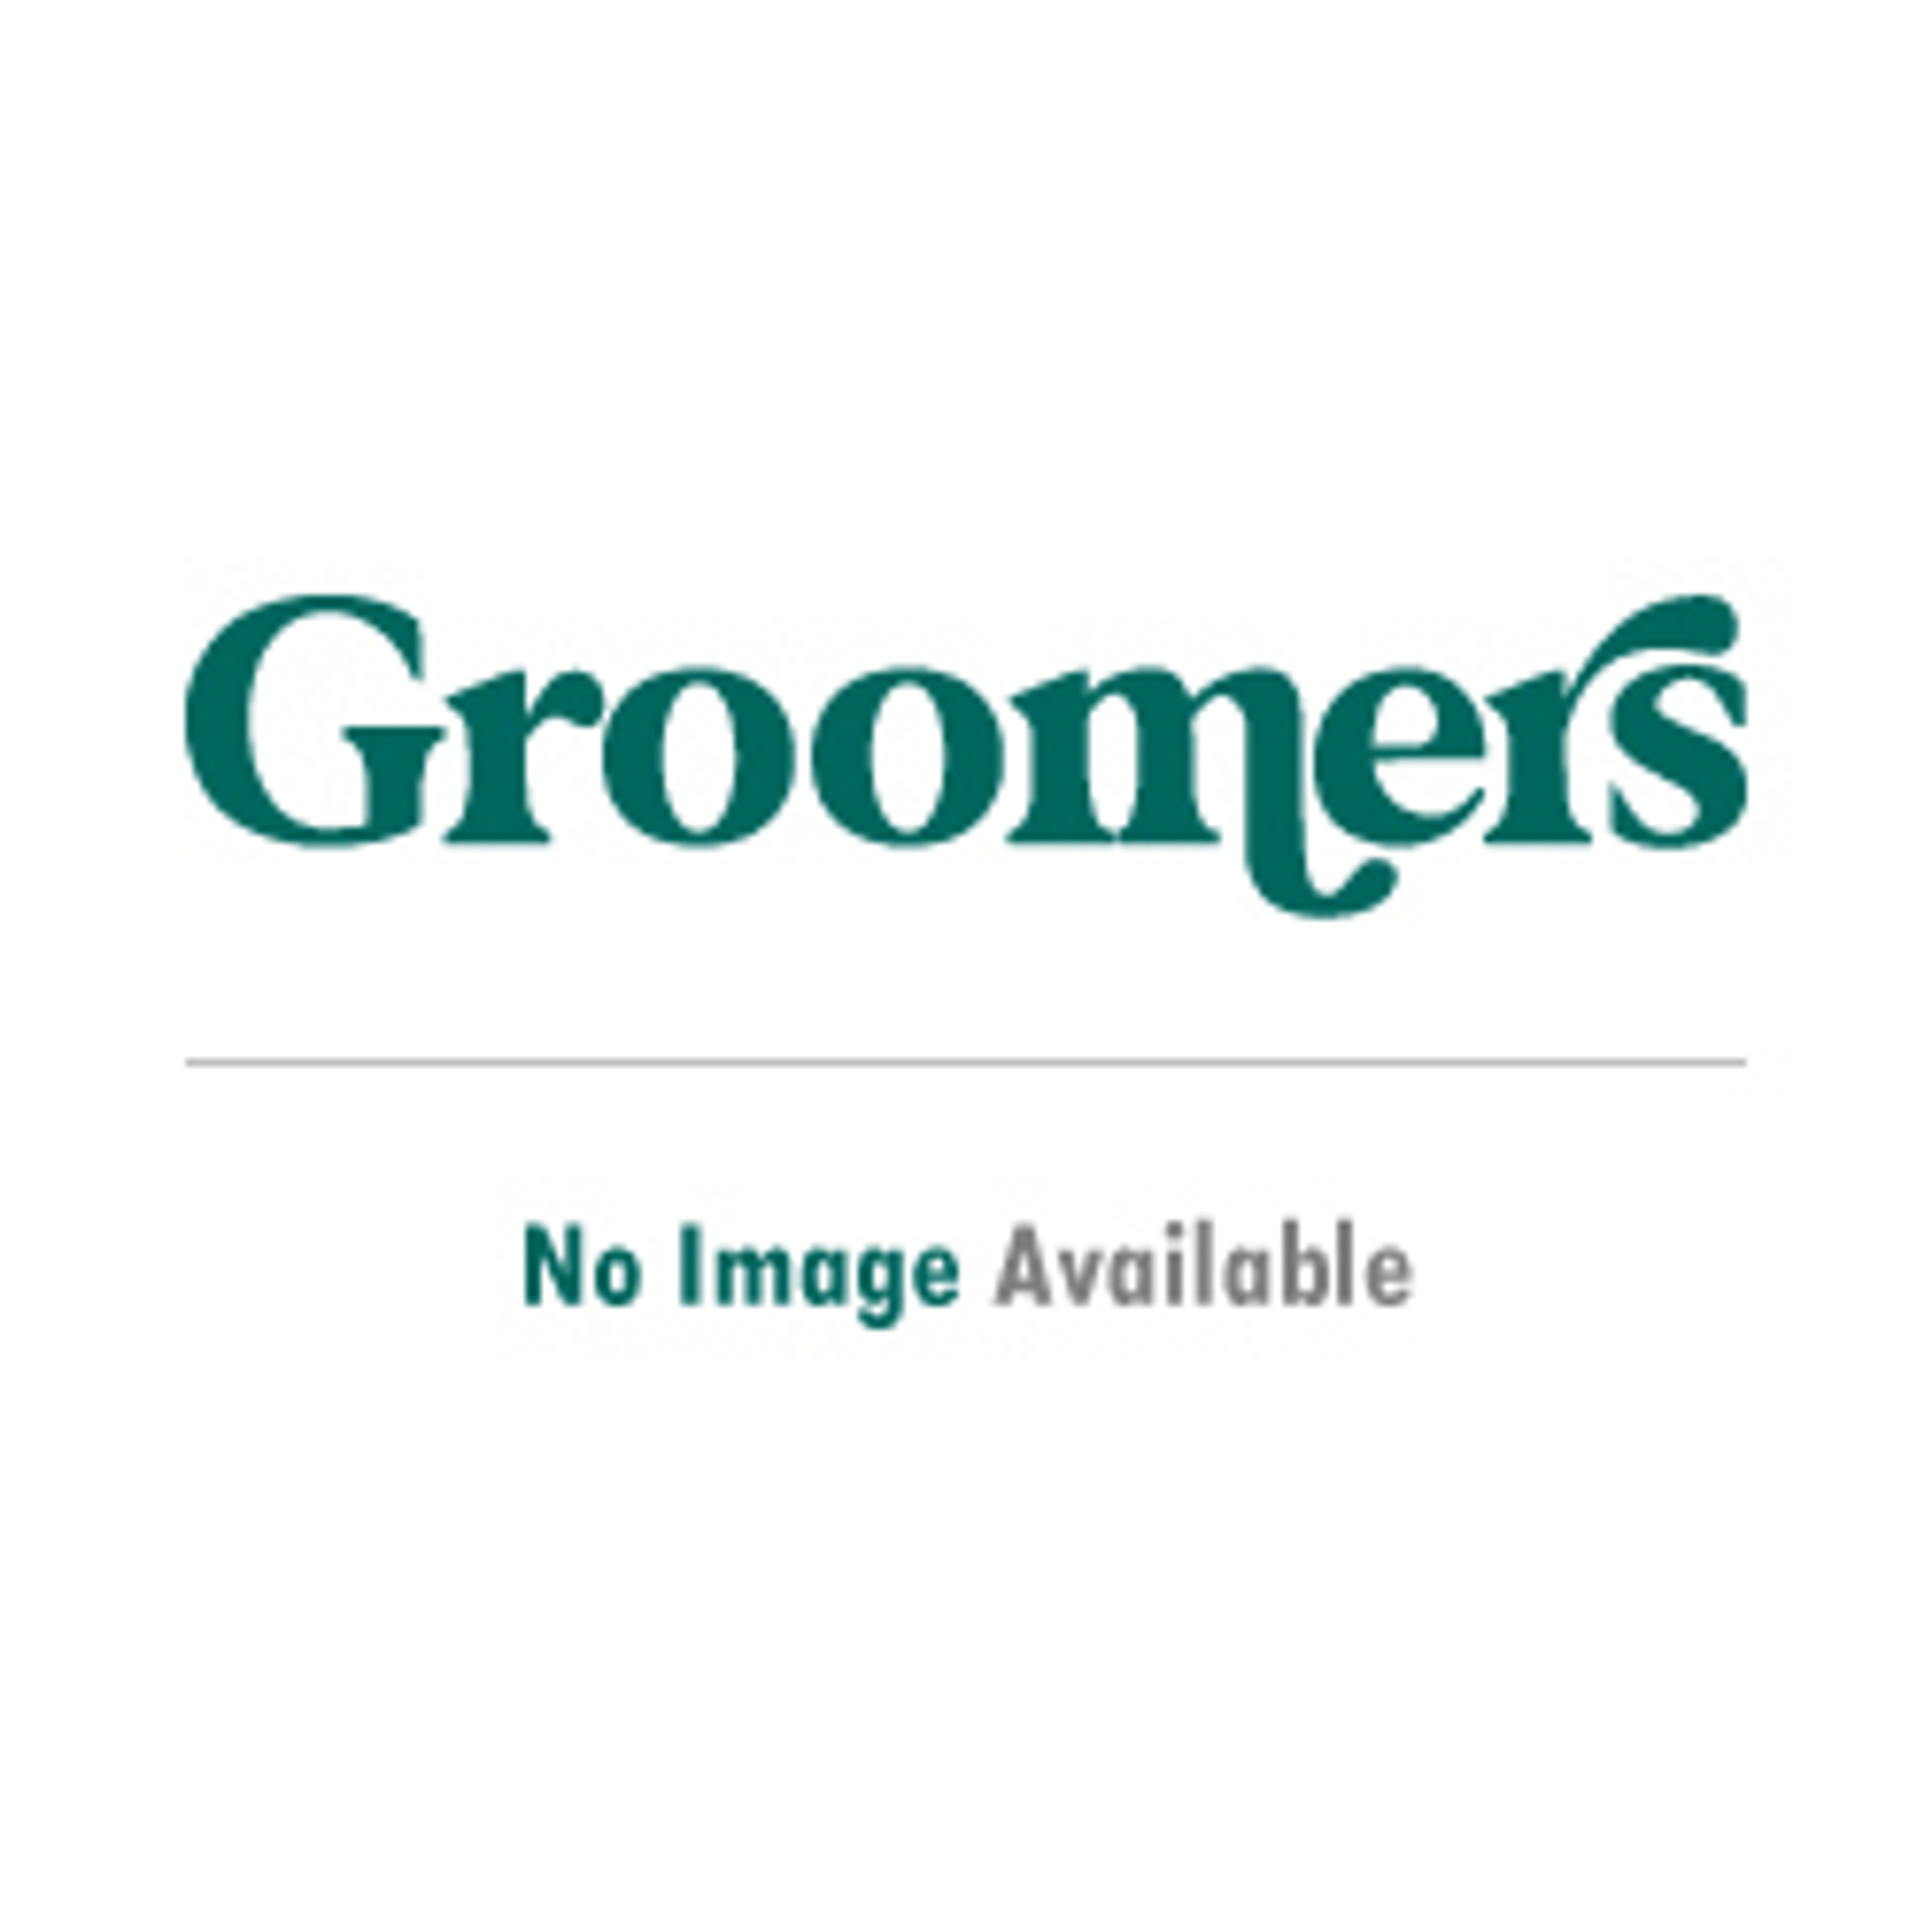 Groomers Rectangular Pressure Grooming Table